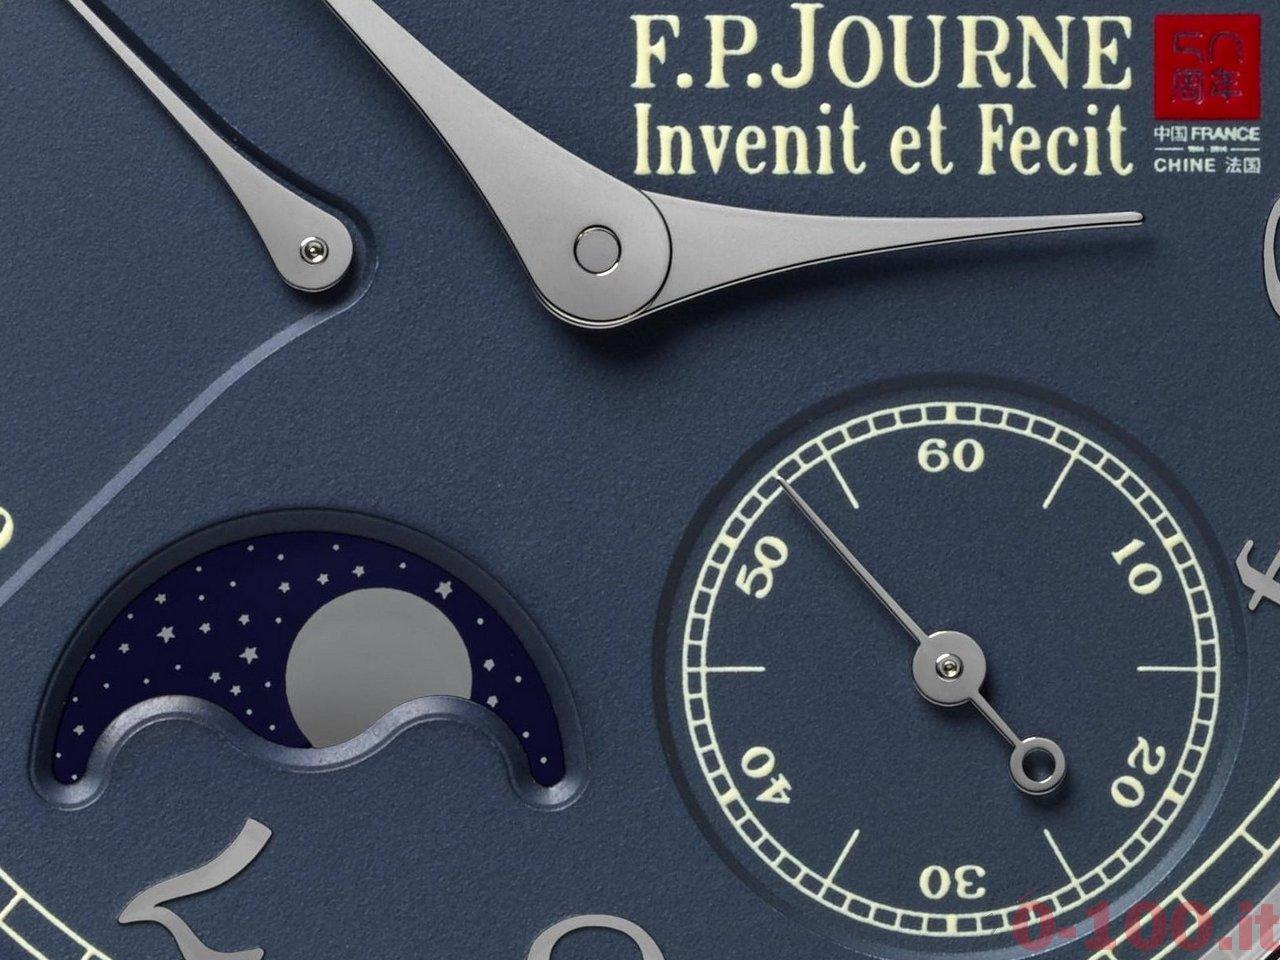 f-p-journe-octa-automatique-lune-50-anni-di-relazioni-tra-francia-e-cina-0-100_6